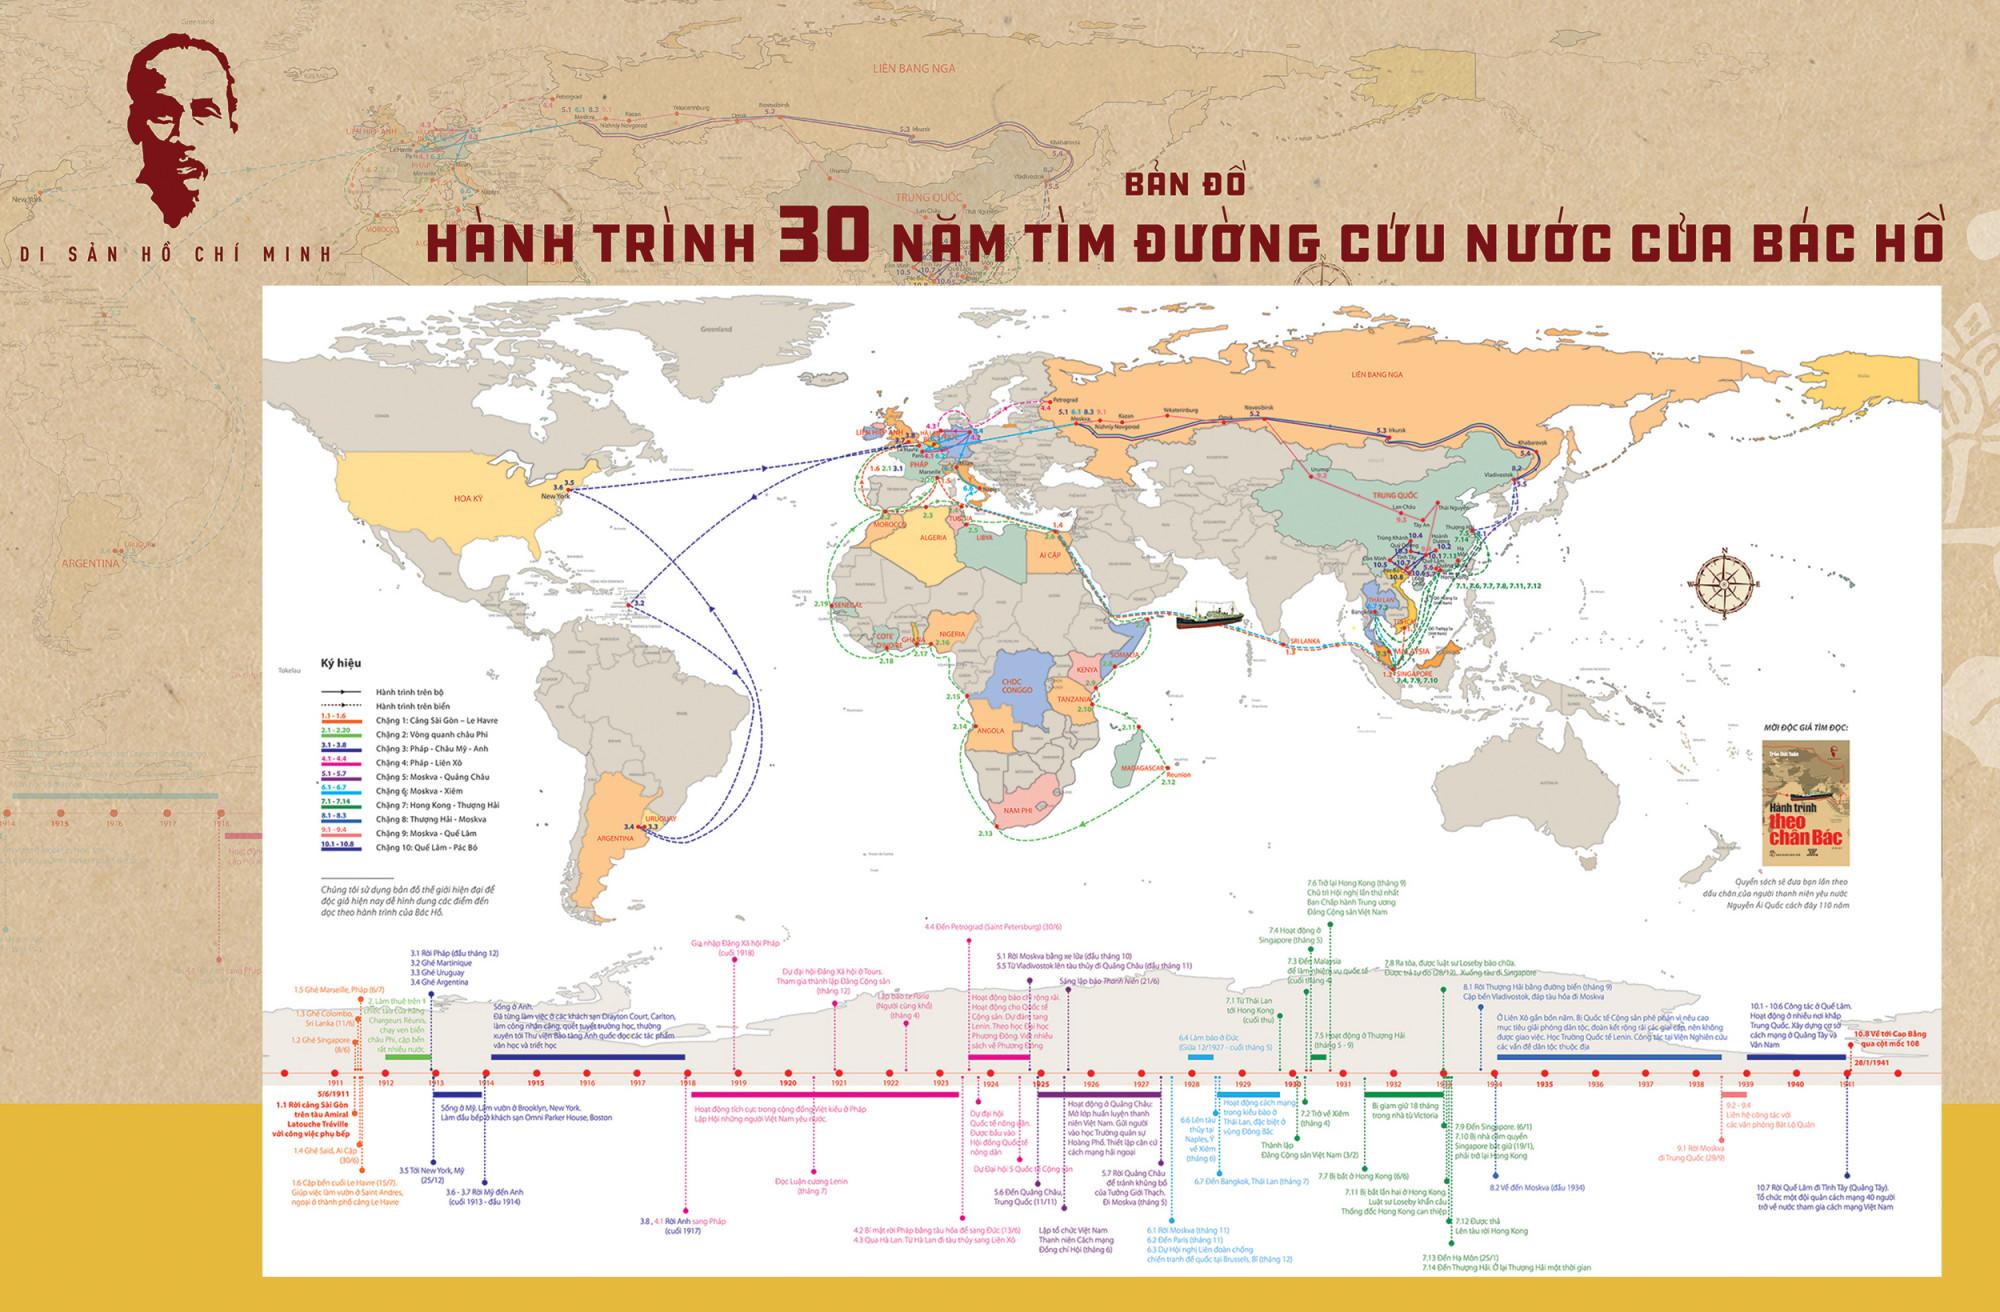 Tấm bản đồ ghi dấu những chặng hành trình của Bác trong 30 năm đi tìm đường cứu nước